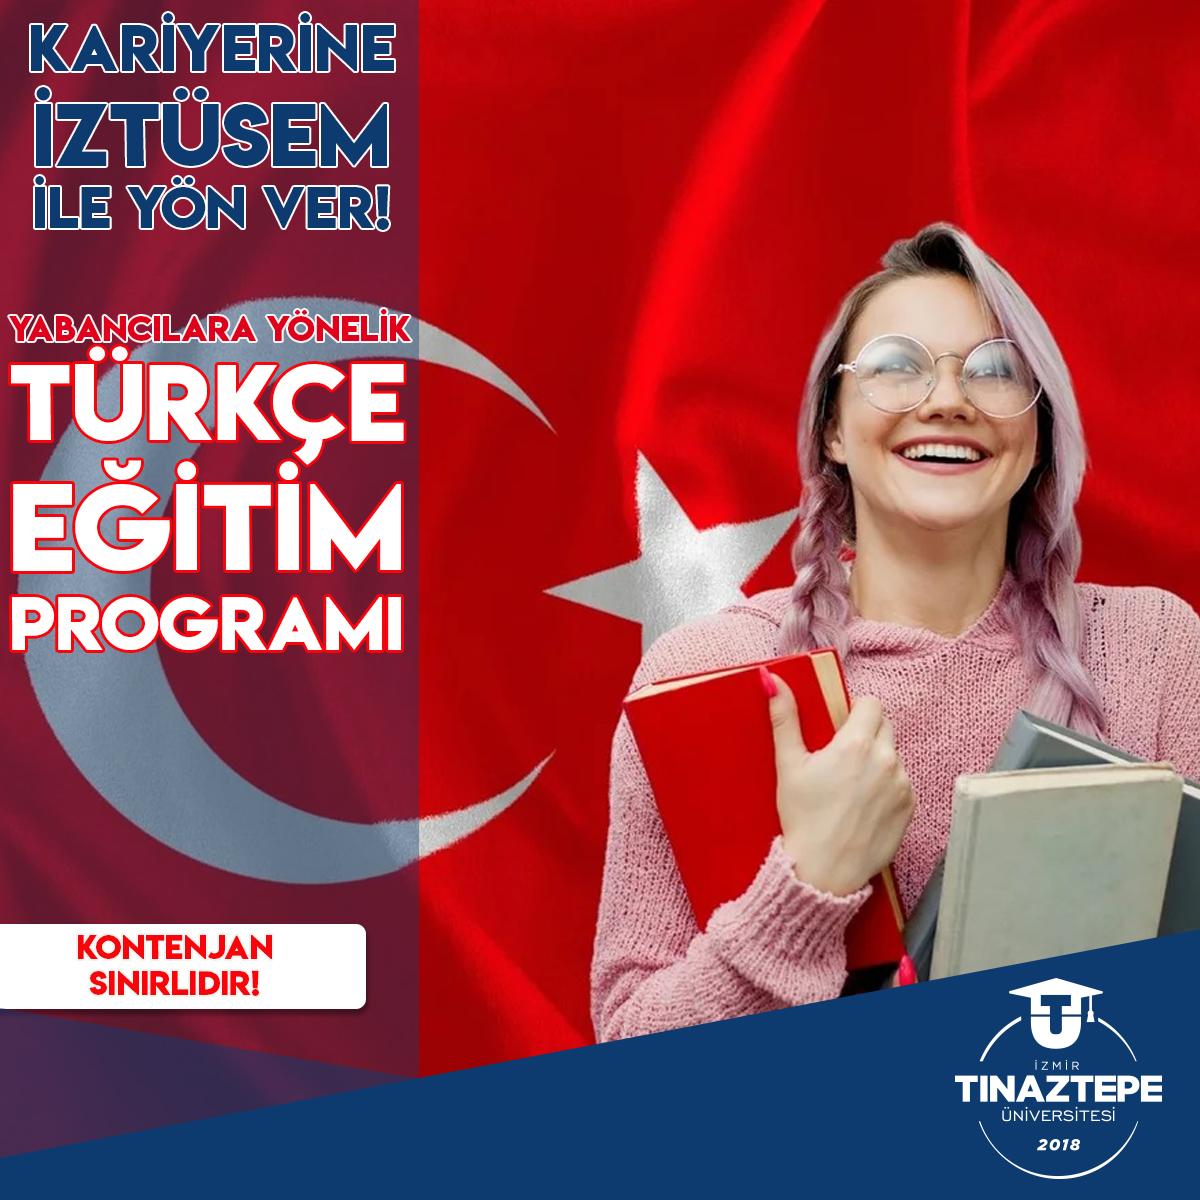 Yabancılara Yönelik Türkçe Eğitim Programı